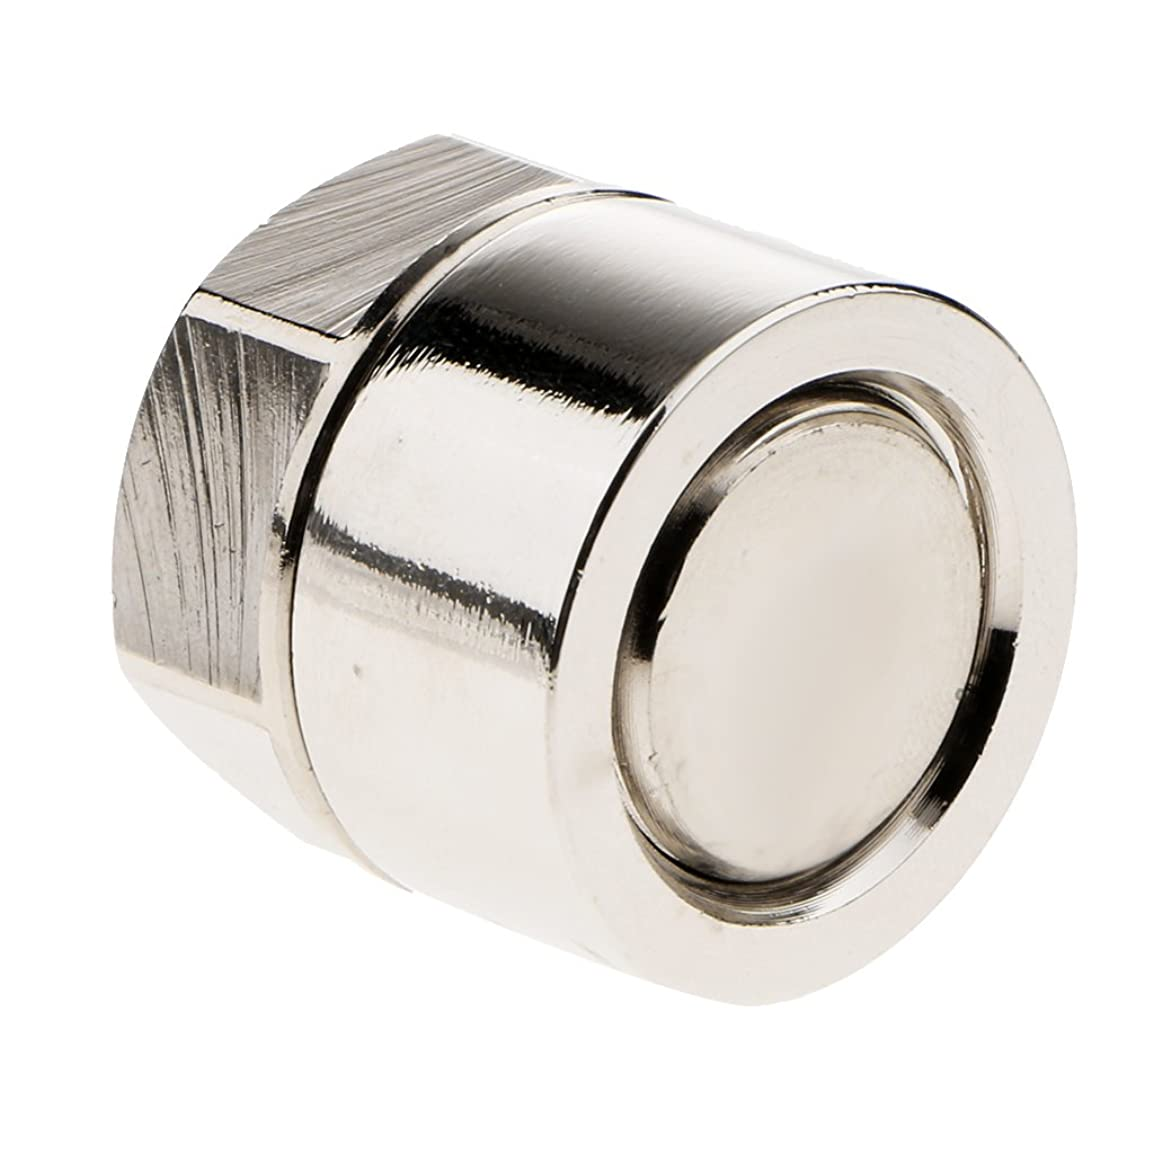 債務イタリアの変更gazechimp 交換用304ステンレス鋼O2酸素センサーM18x1.5mm 16mm長